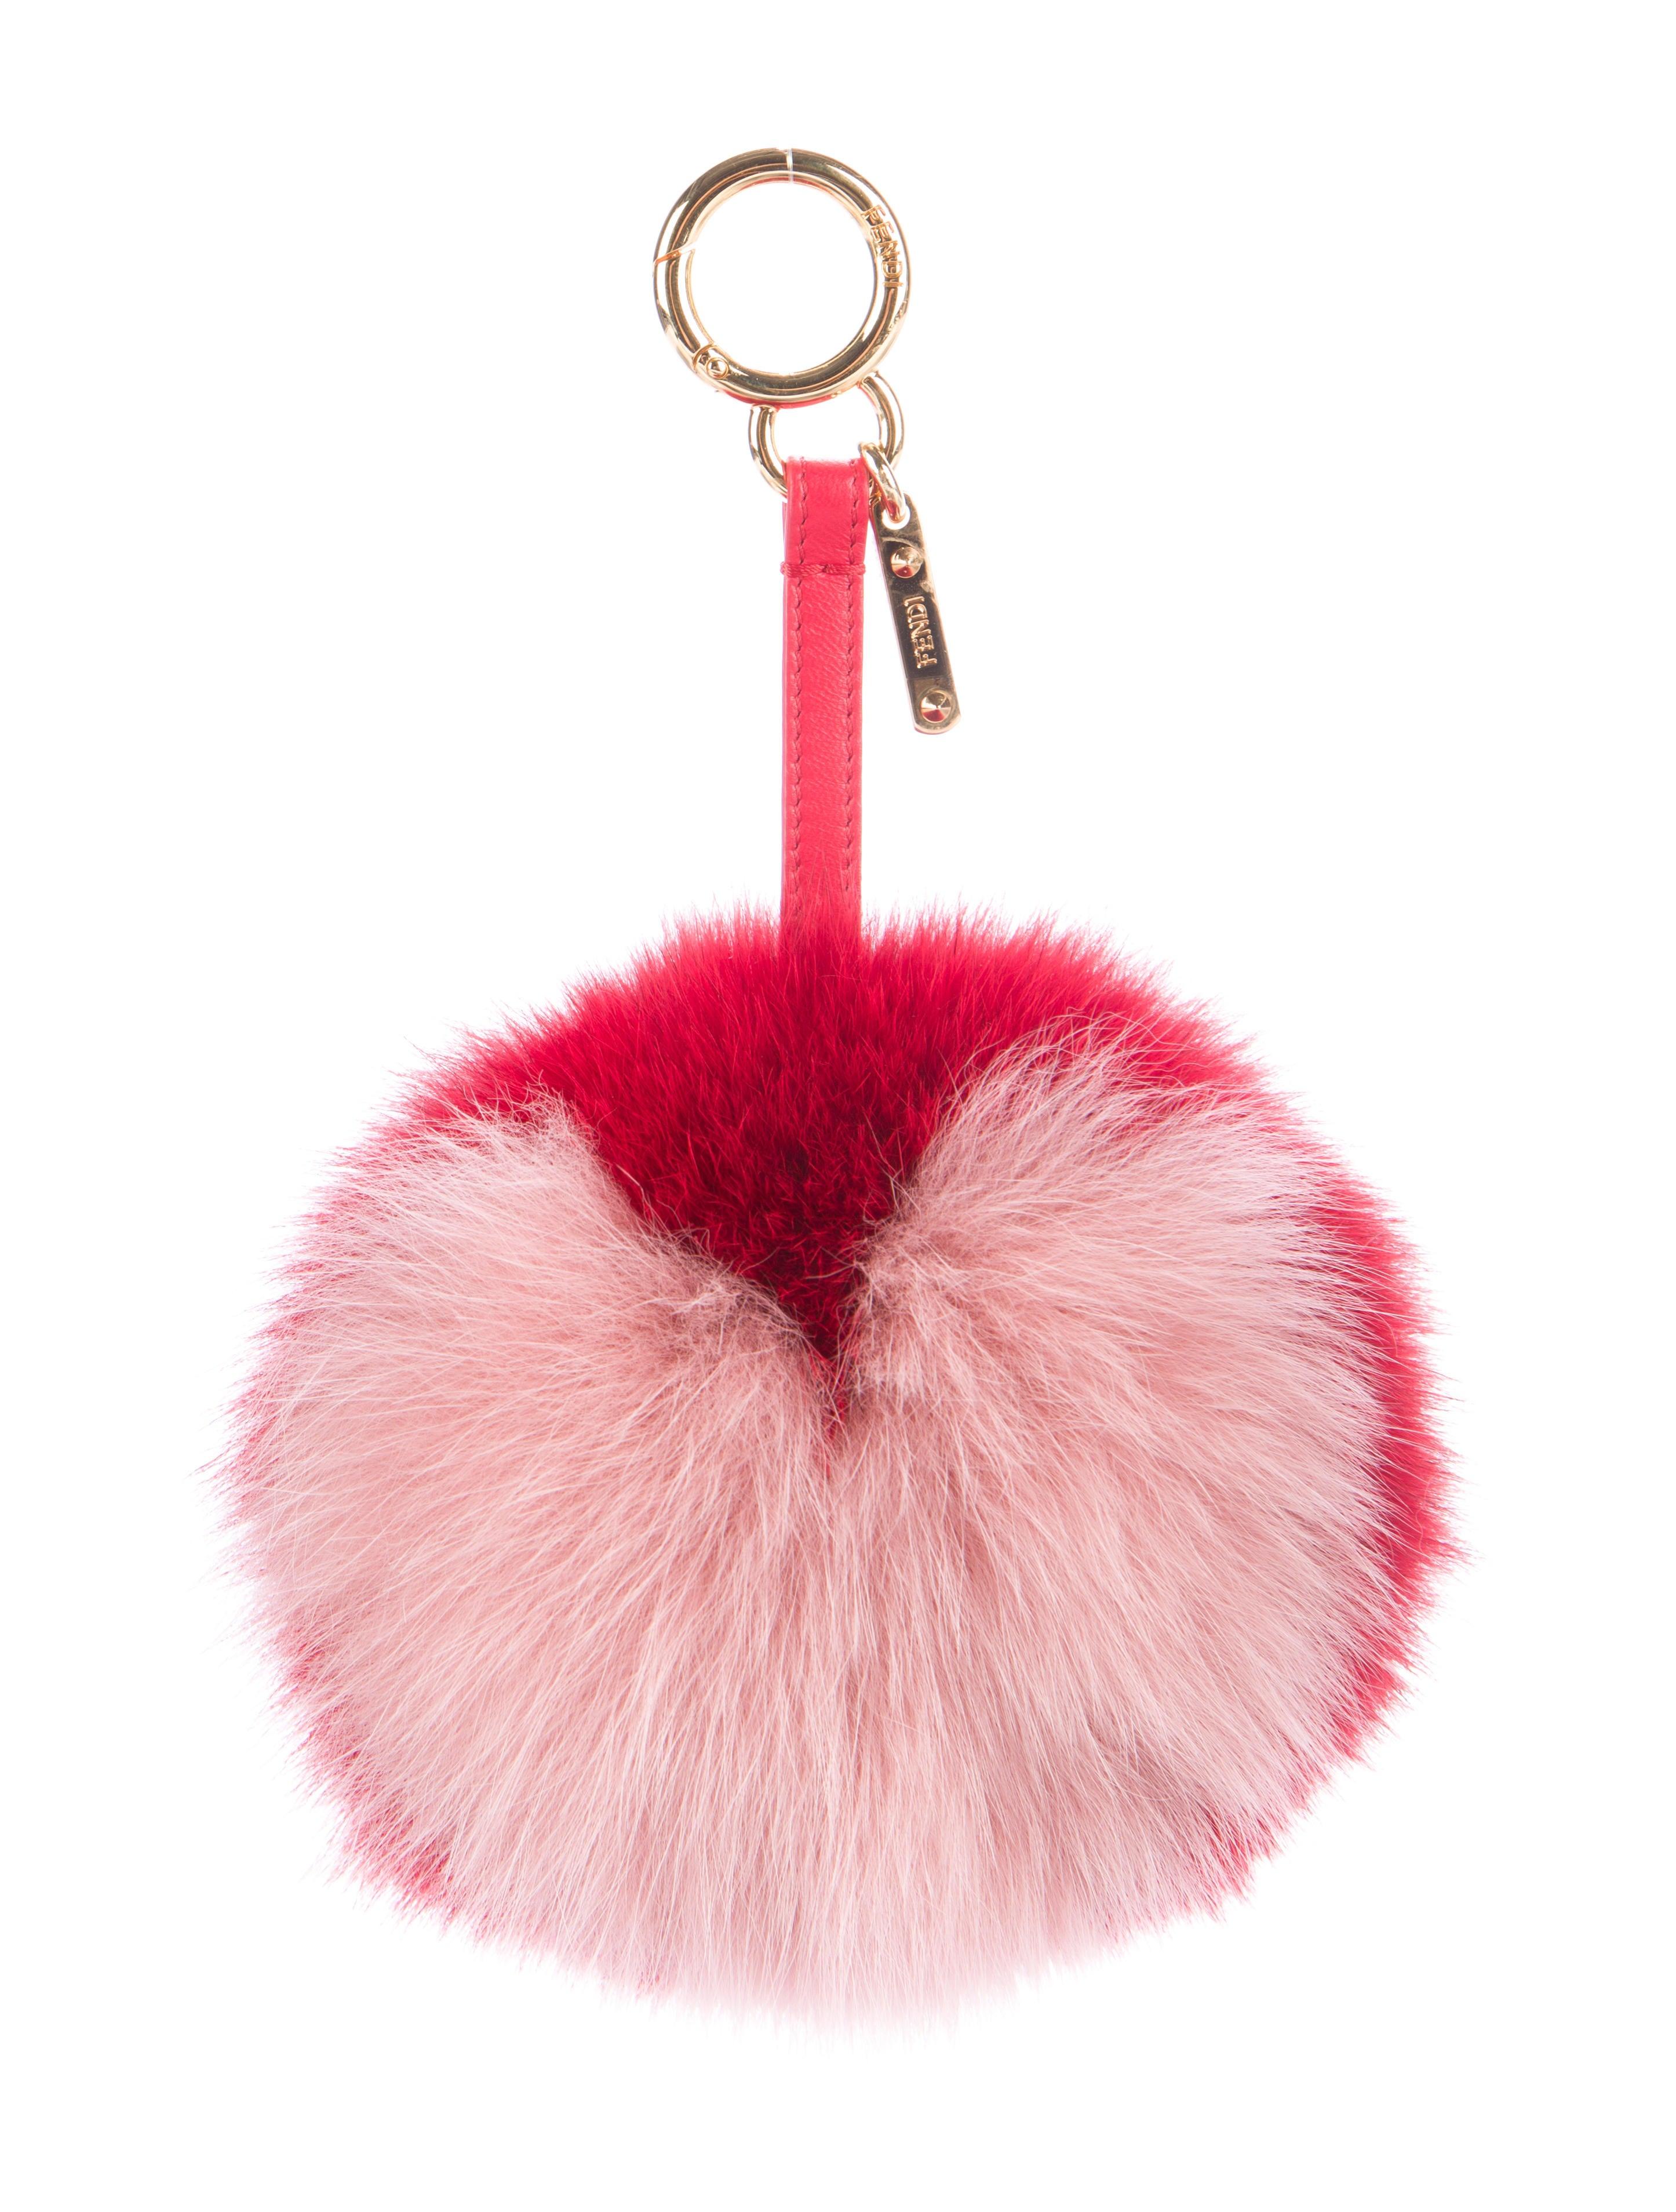 Fendi Heart Fox Fur Pom Pom Bag Charm W Tags